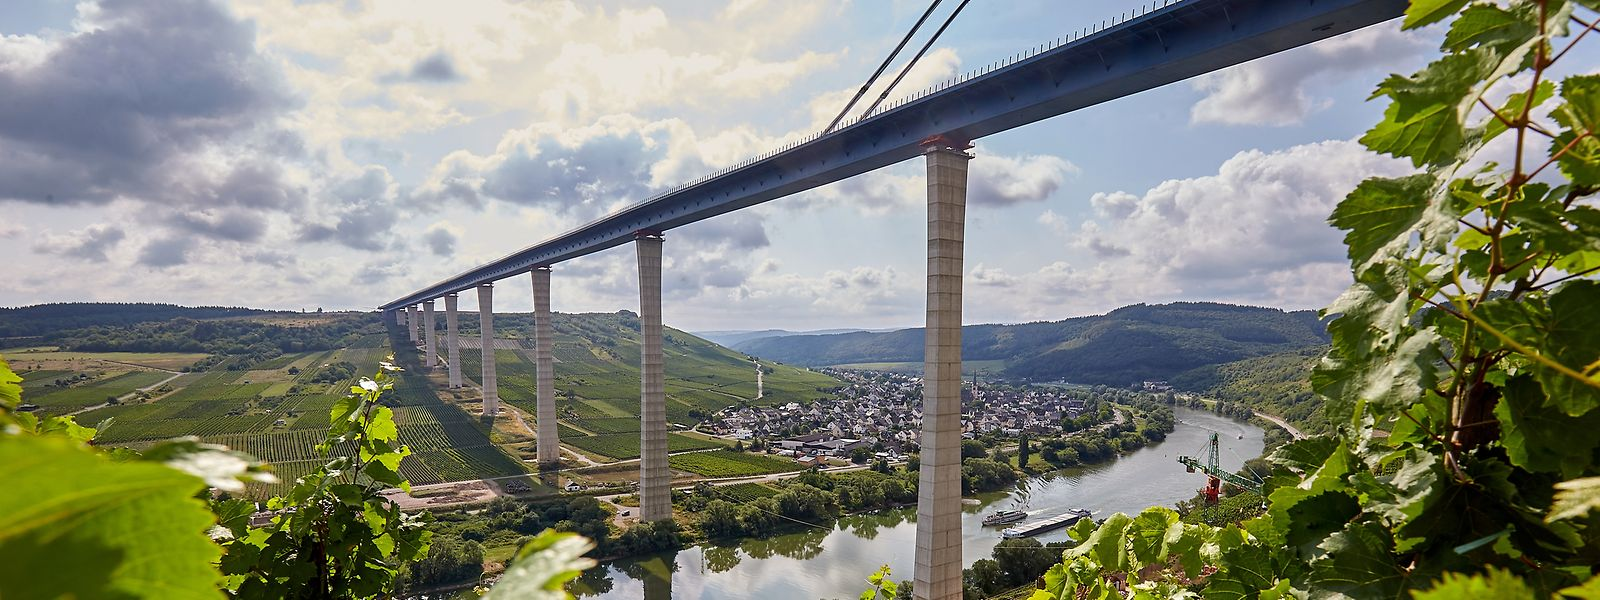 An der rund 1,7 Kilometer langen Hochmoselbrücke läuft derzeit die Verschubphase für das letzte rund 231 Meter lange Teilstück, das den Hunsrück mit der Eifel verbinden wird. Die Hochmoselbrücke soll im kommenden Jahr fertiggestellt werden.